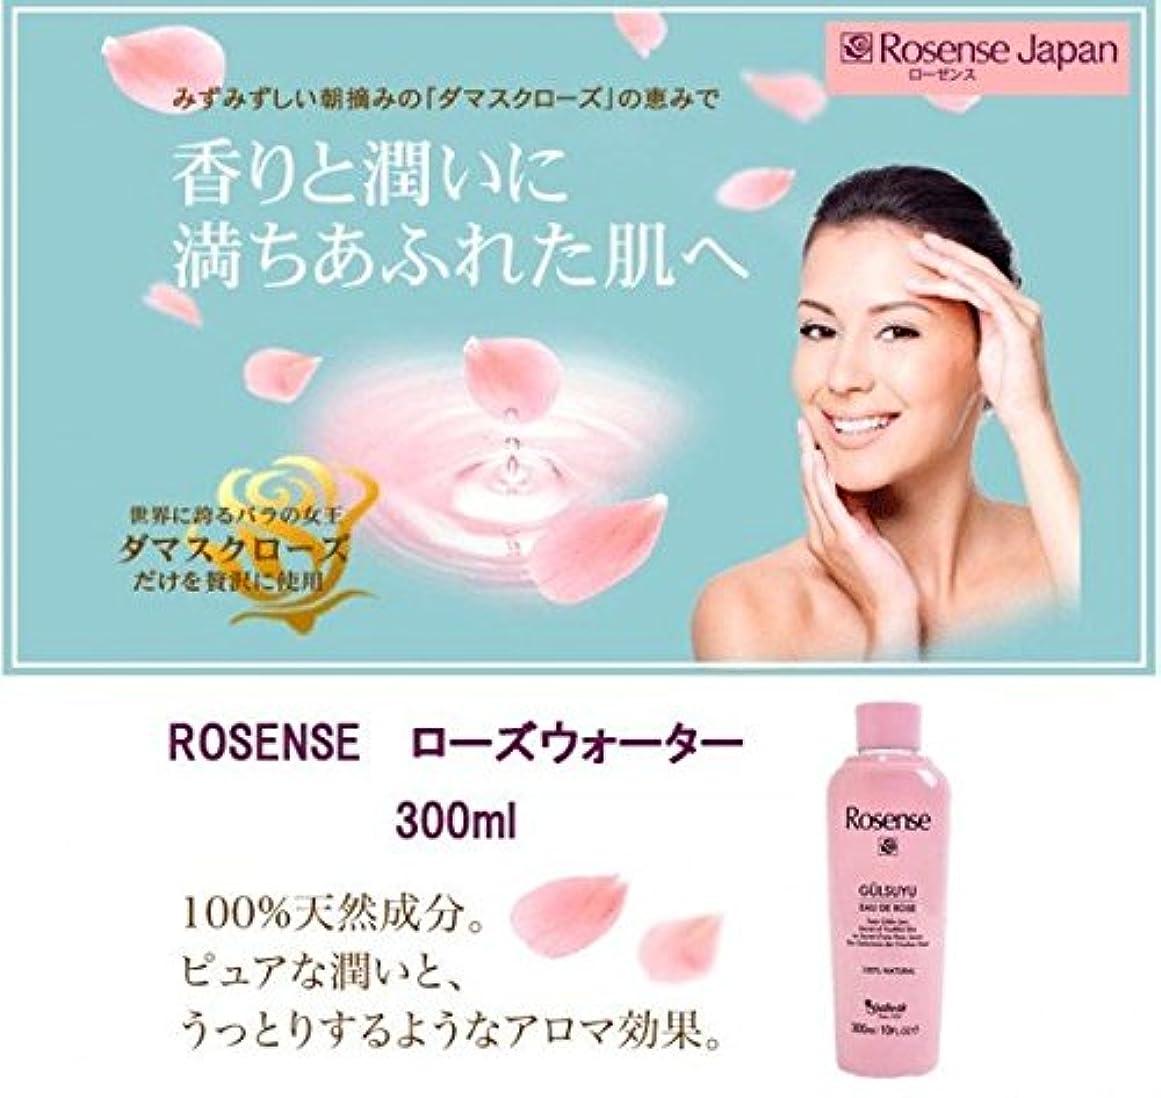 傷跡銀河納得させるROSENSE ローズウォーター 300ml バラの芳醇な香りに包まれながら お肌を整えます